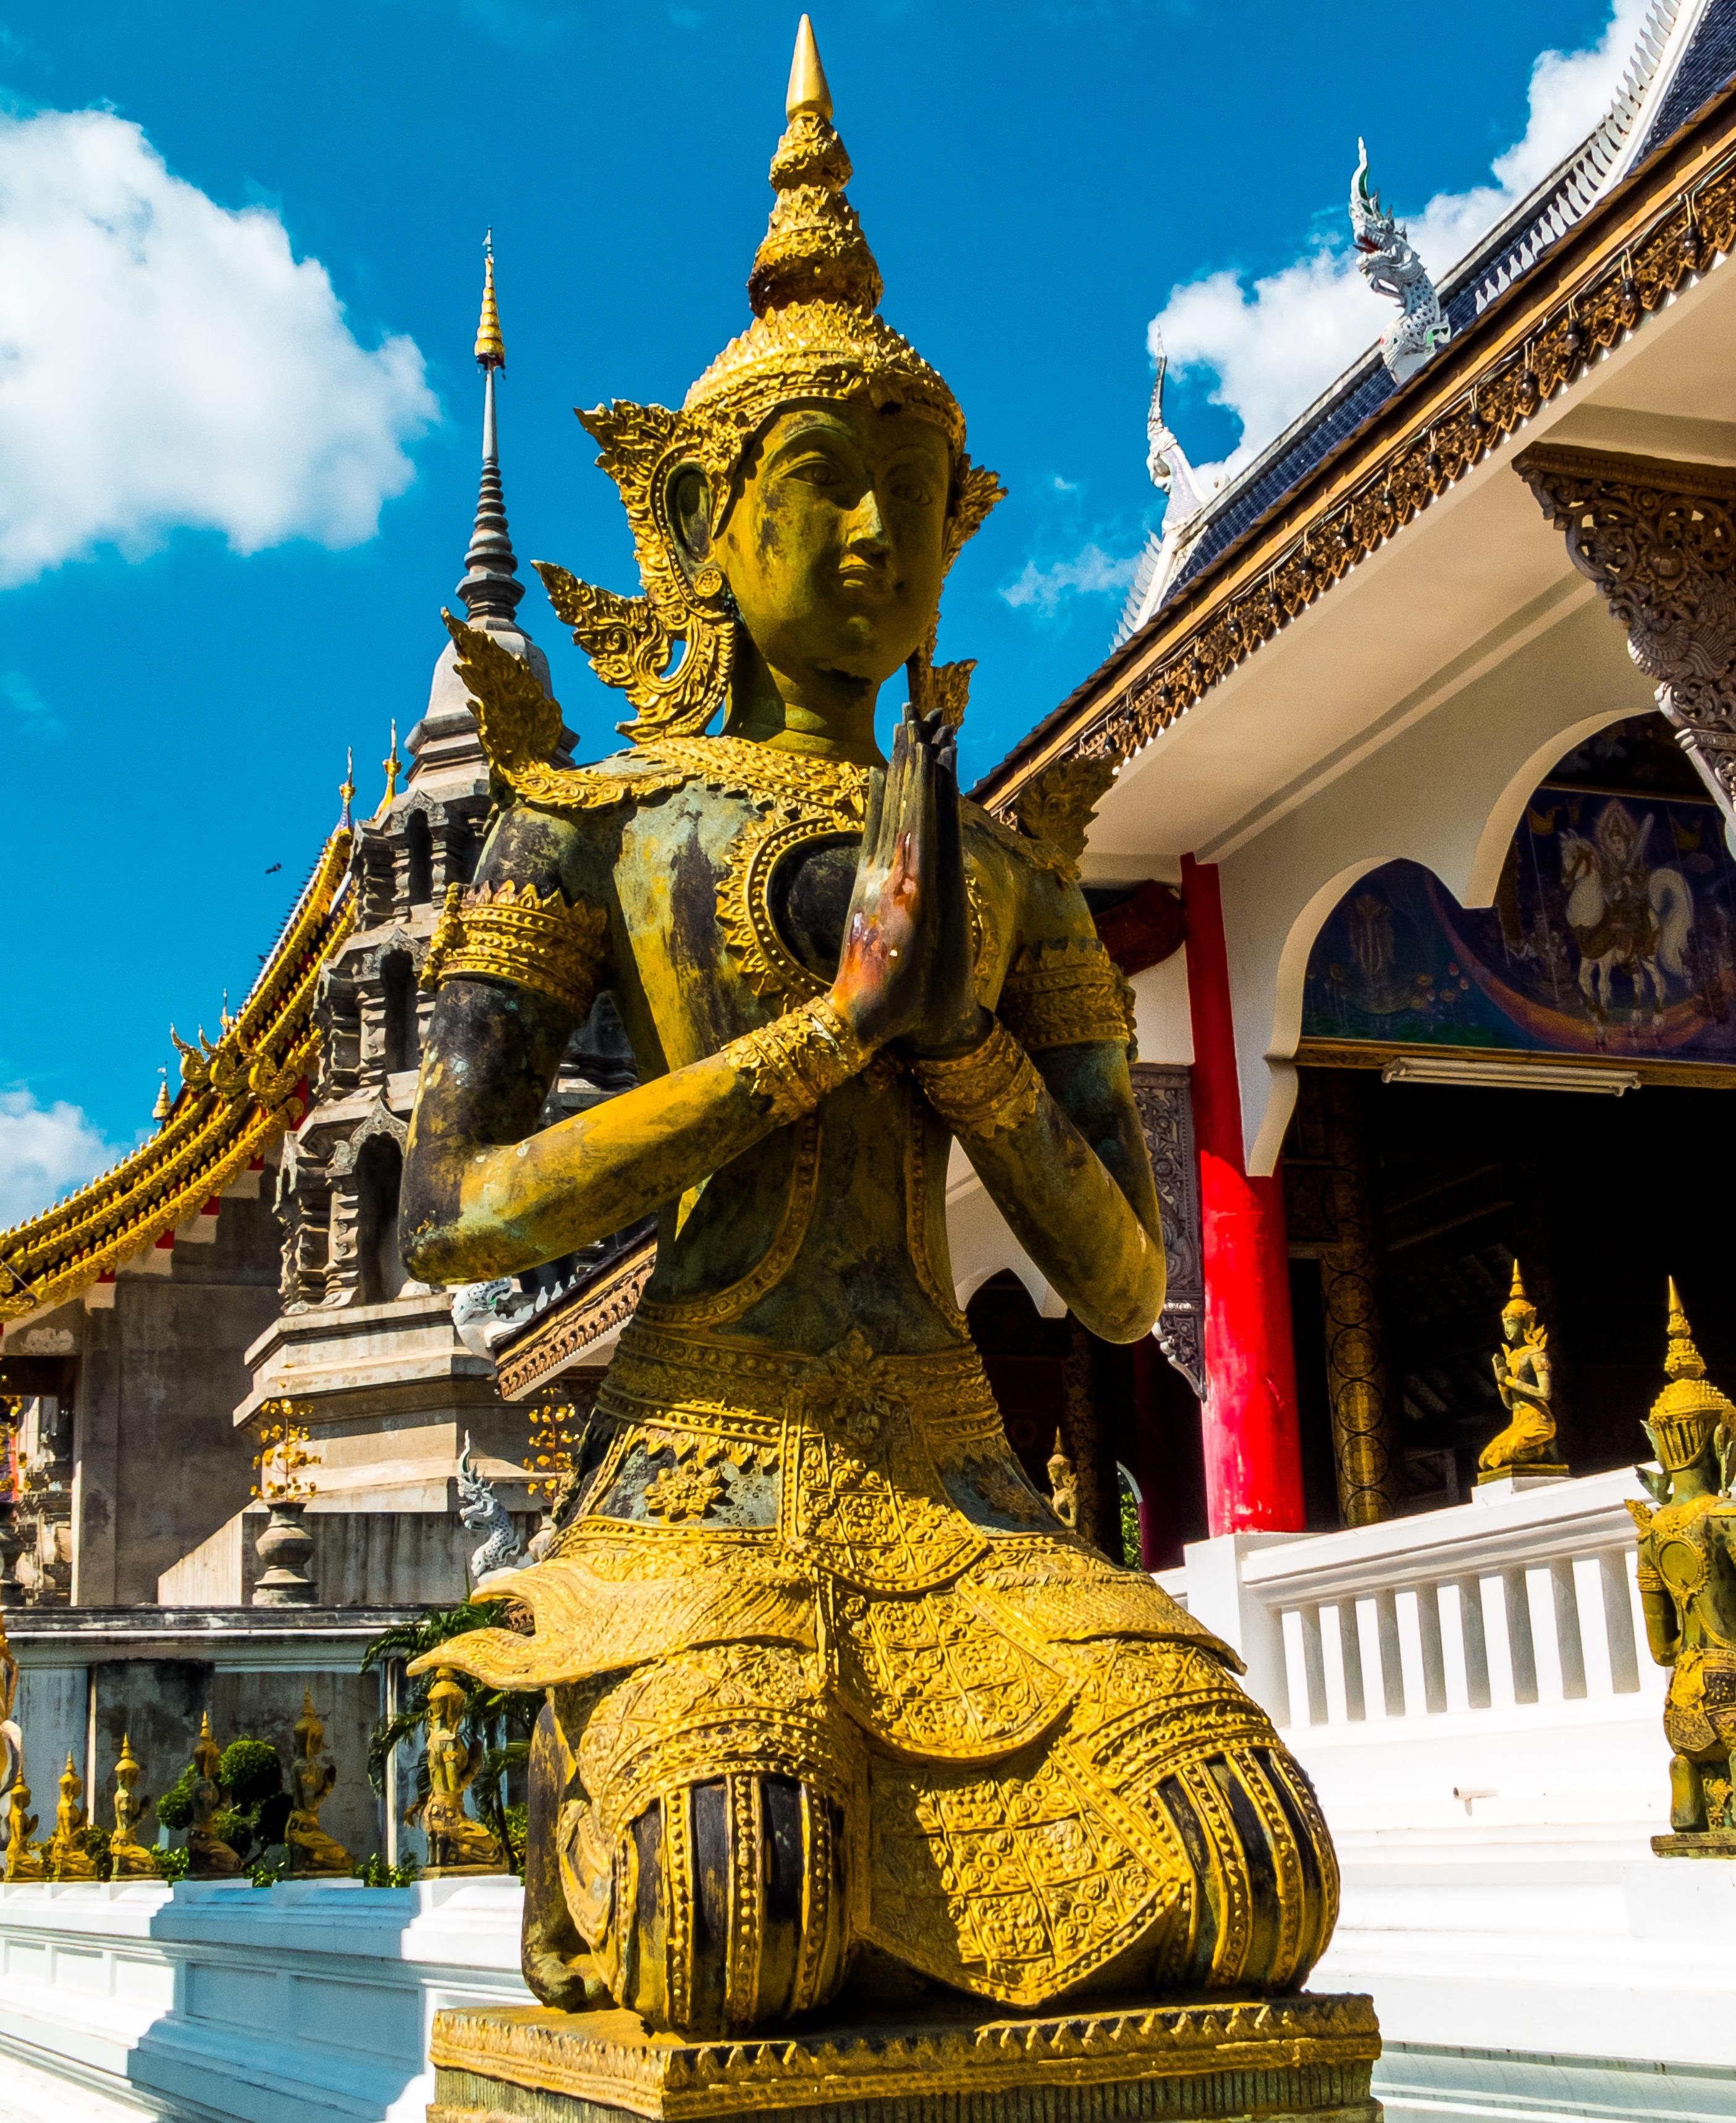 боги тайланда в картинках которые были против